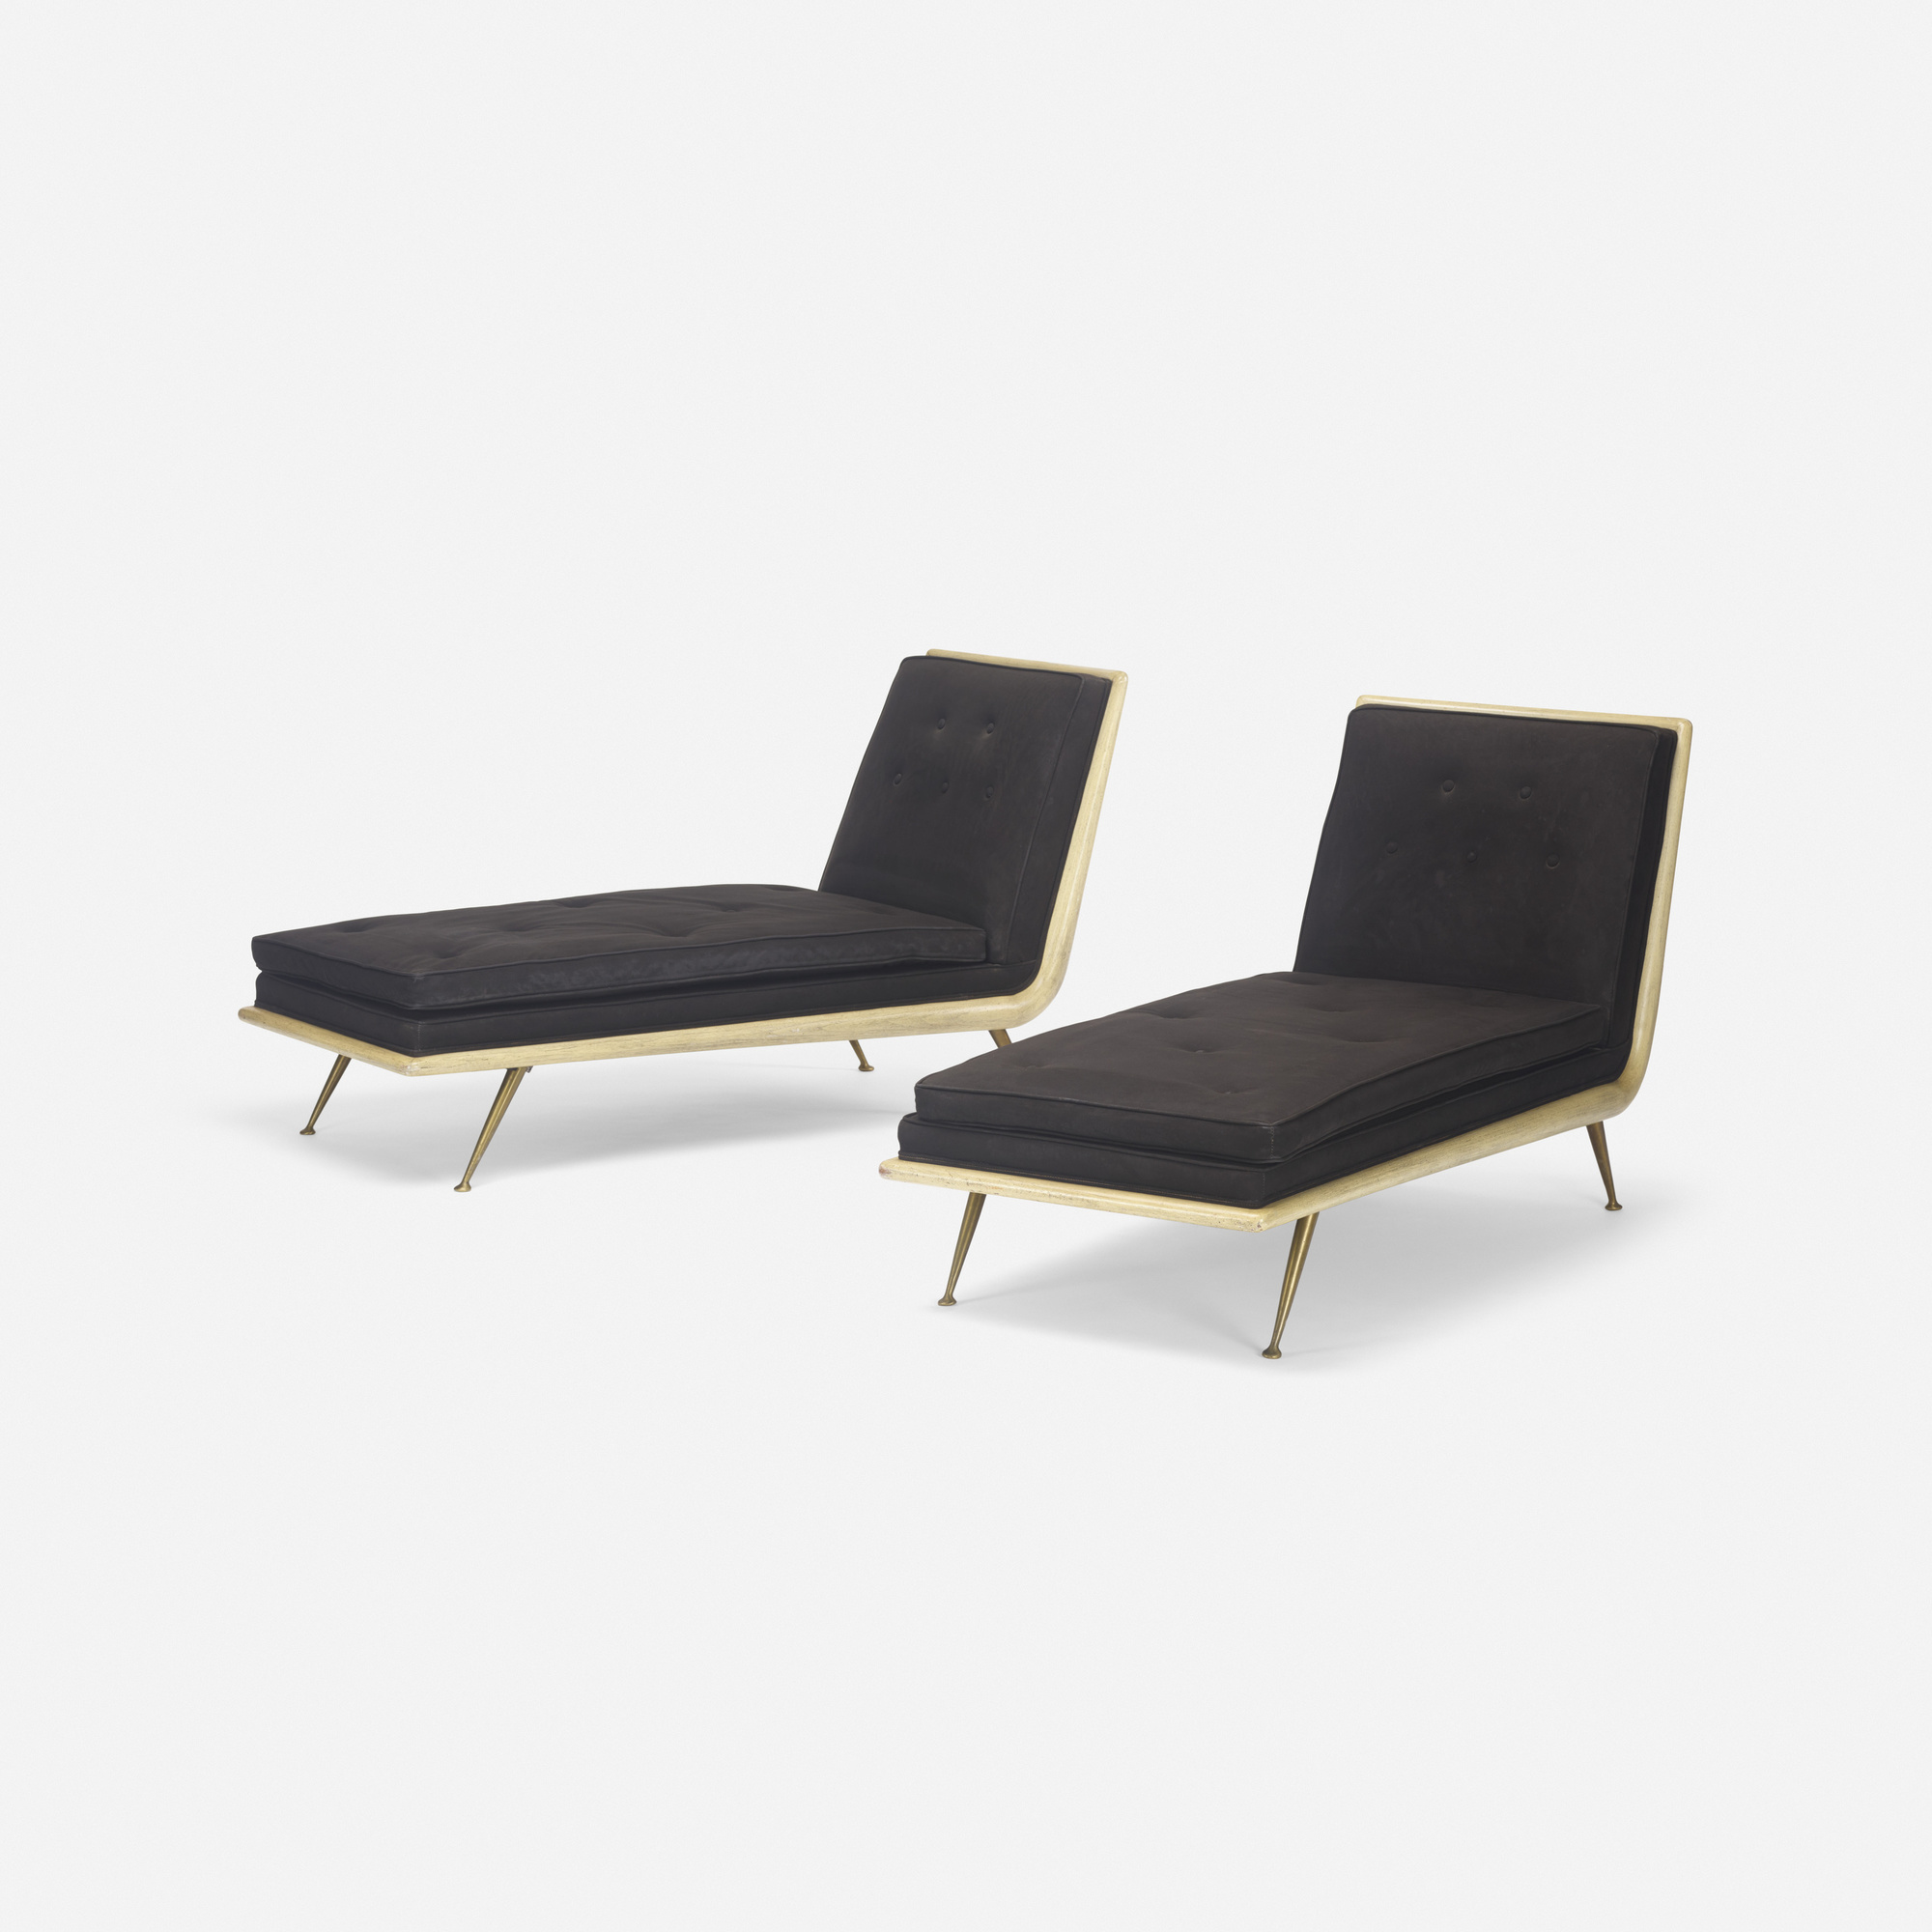 363: T.H. Robsjohn-Gibbings / chaise lounge (3 of 3)